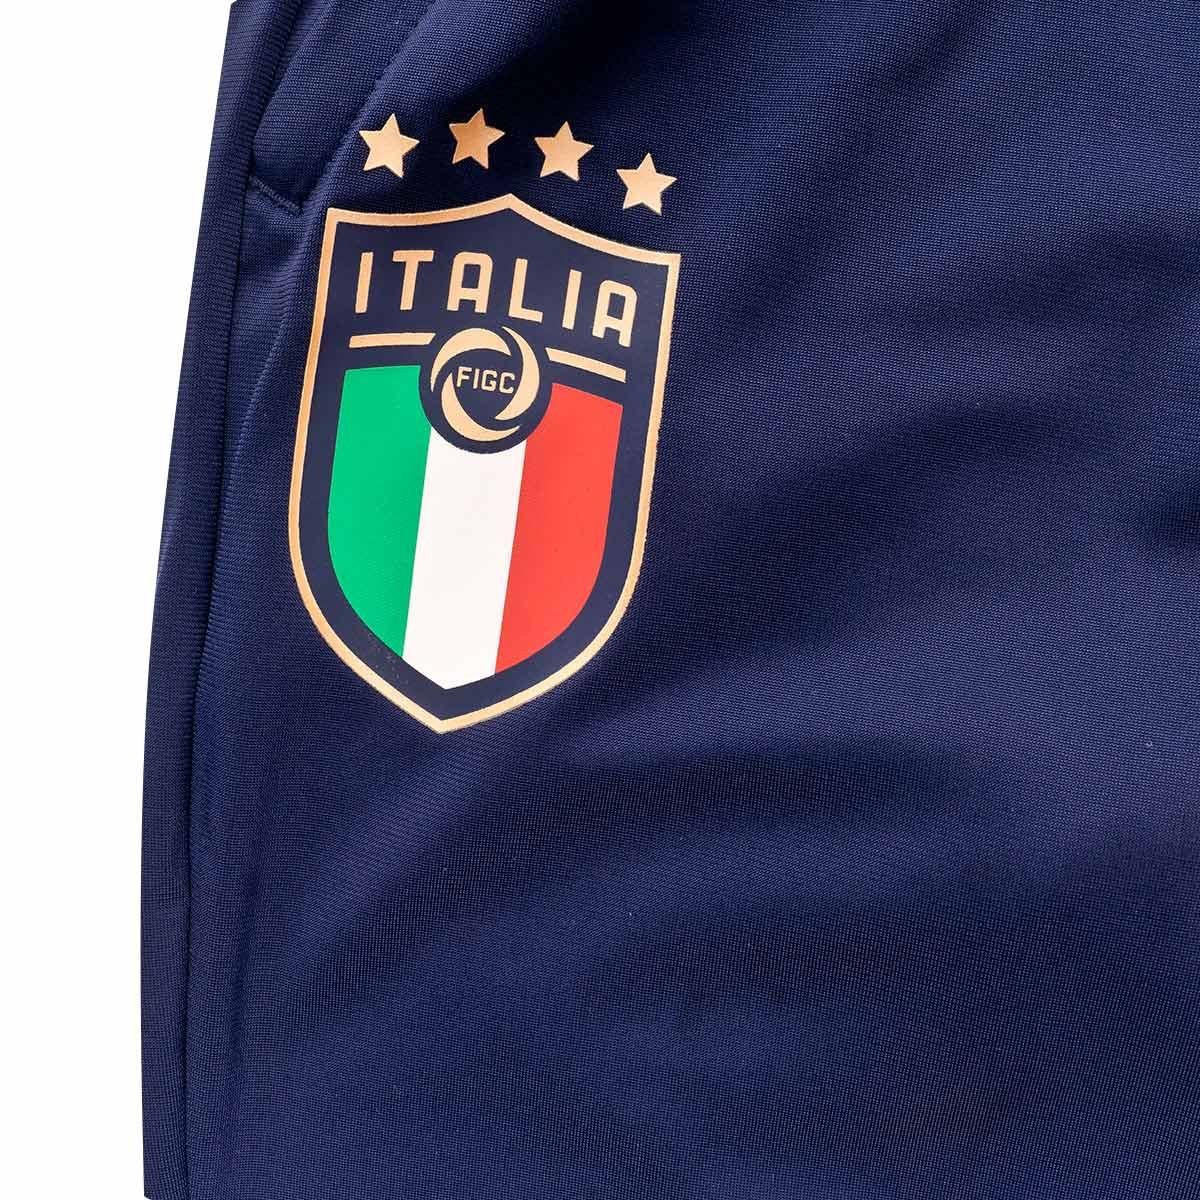 A veces a veces Regan Vaticinador  Long pants Puma Italia Training 2019-2020 Niño Peacoat-Puma Team Gold -  Football store Fútbol Emotion